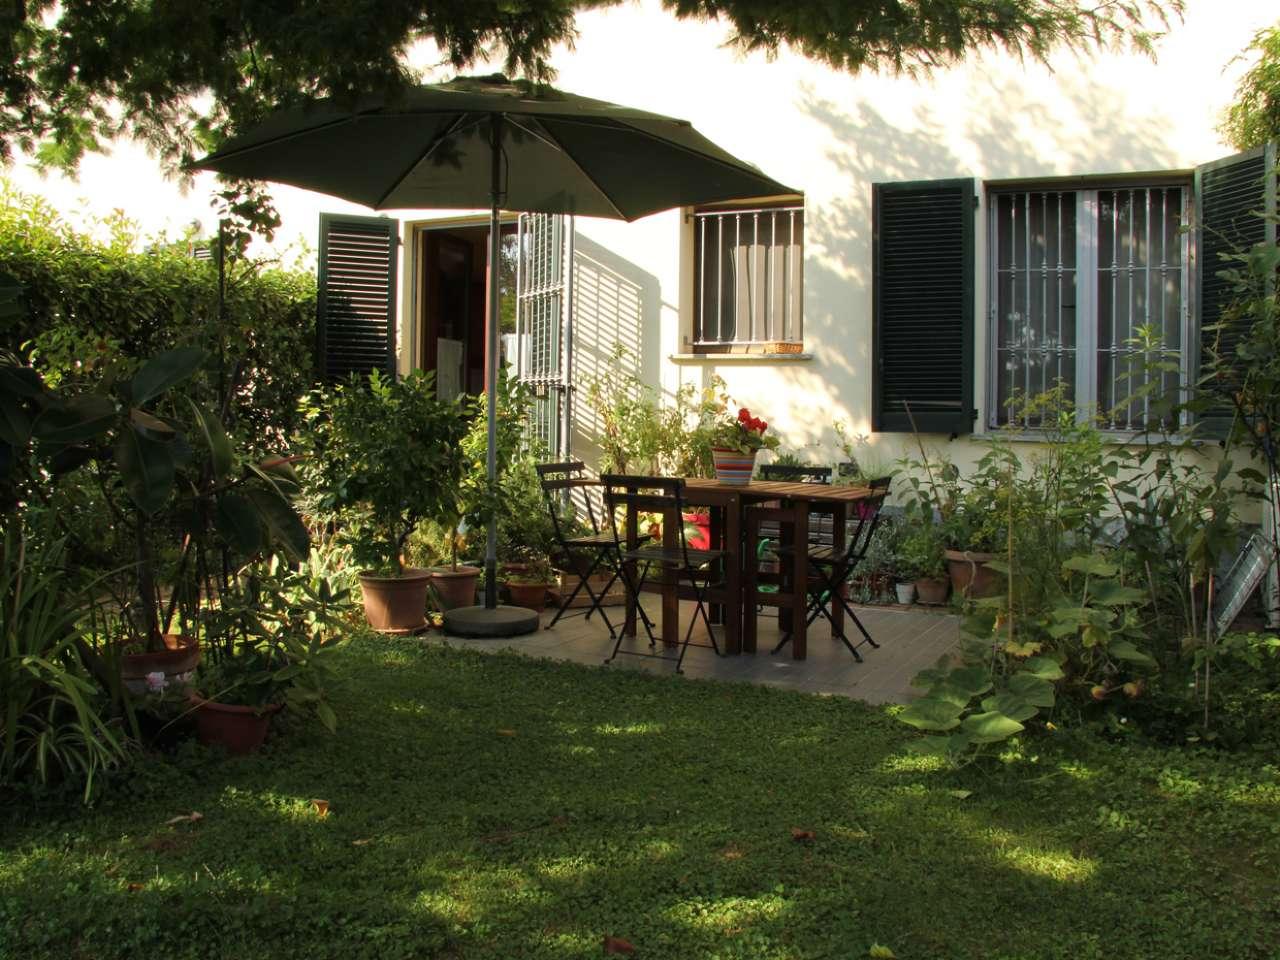 Appartamento in vendita a Peschiera Borromeo, 3 locali, prezzo € 260.000 | PortaleAgenzieImmobiliari.it